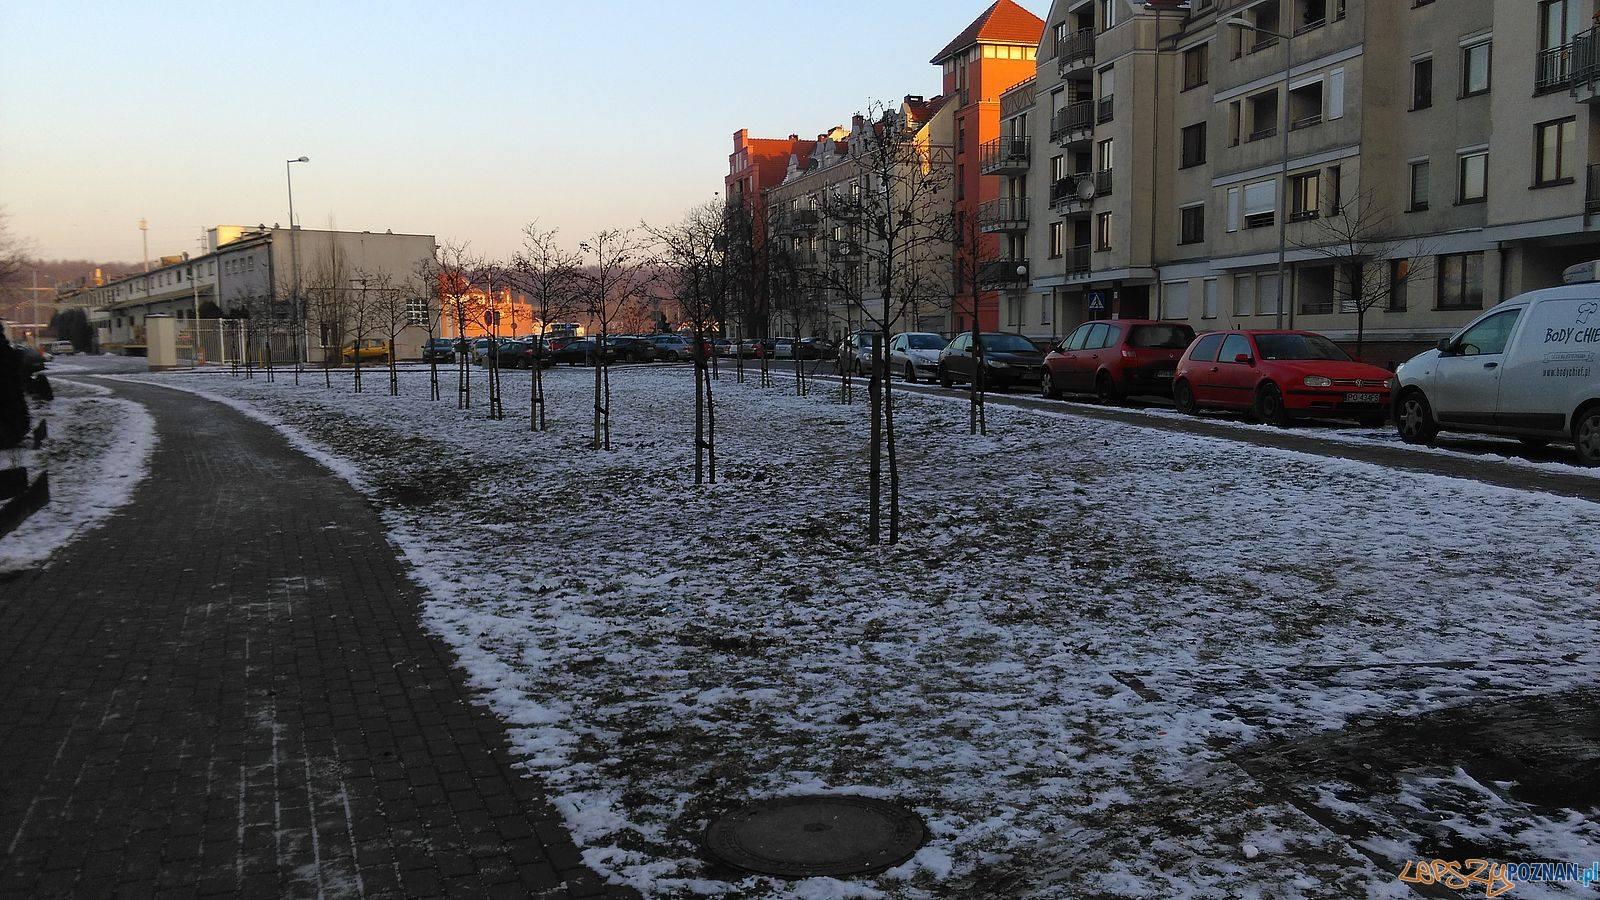 Skwer przy ul. Szyperskiej  Foto: Tomasz Dworek